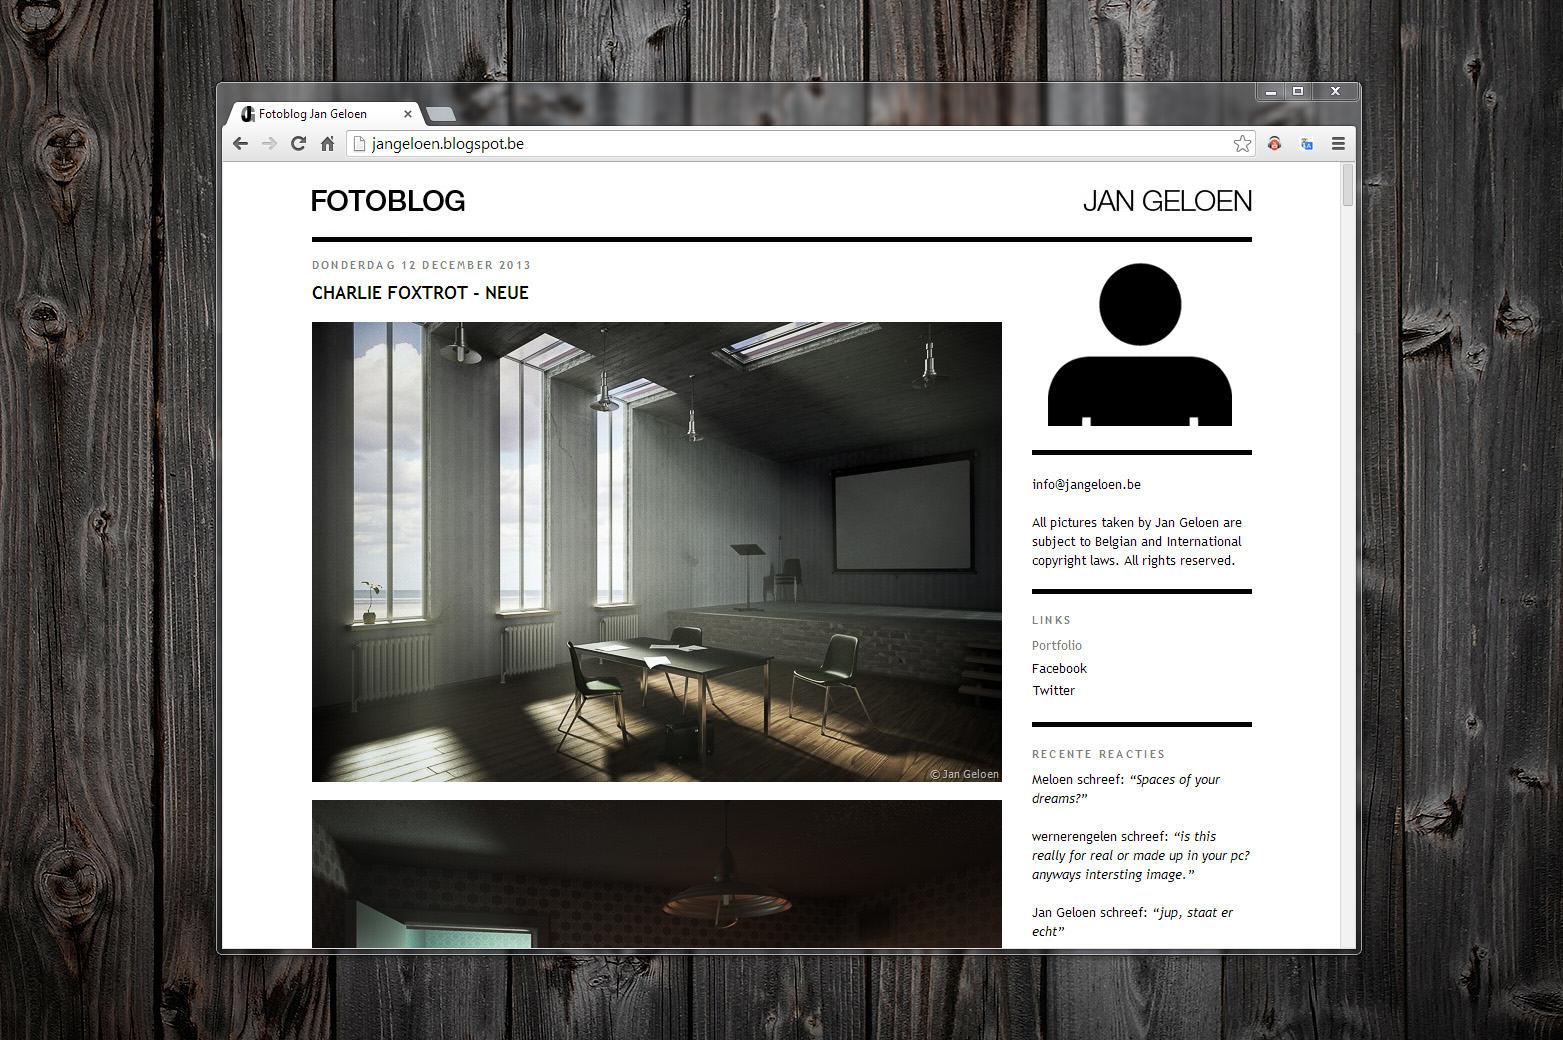 http://jangeloen.blogspot.be/